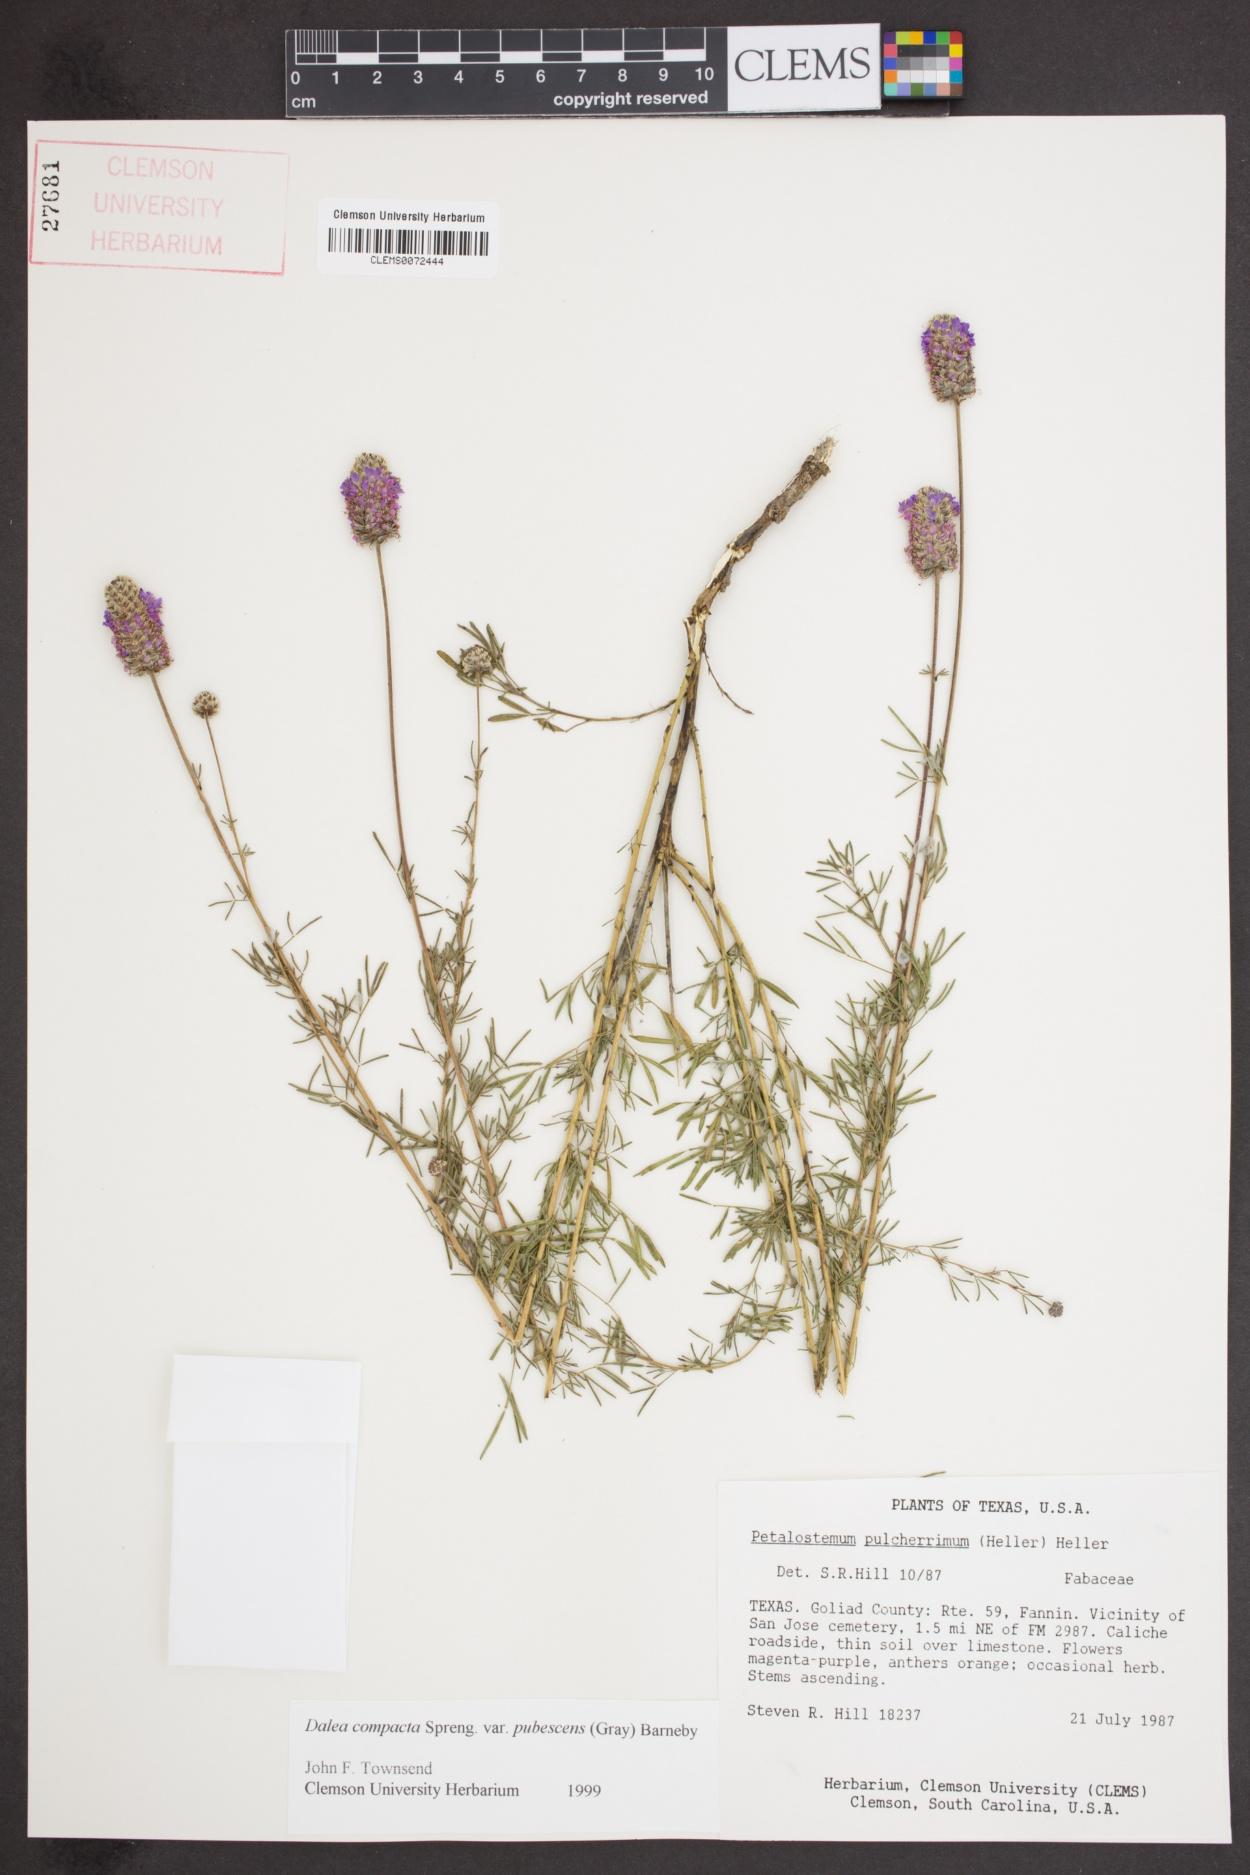 Dalea compacta var. pubescens image